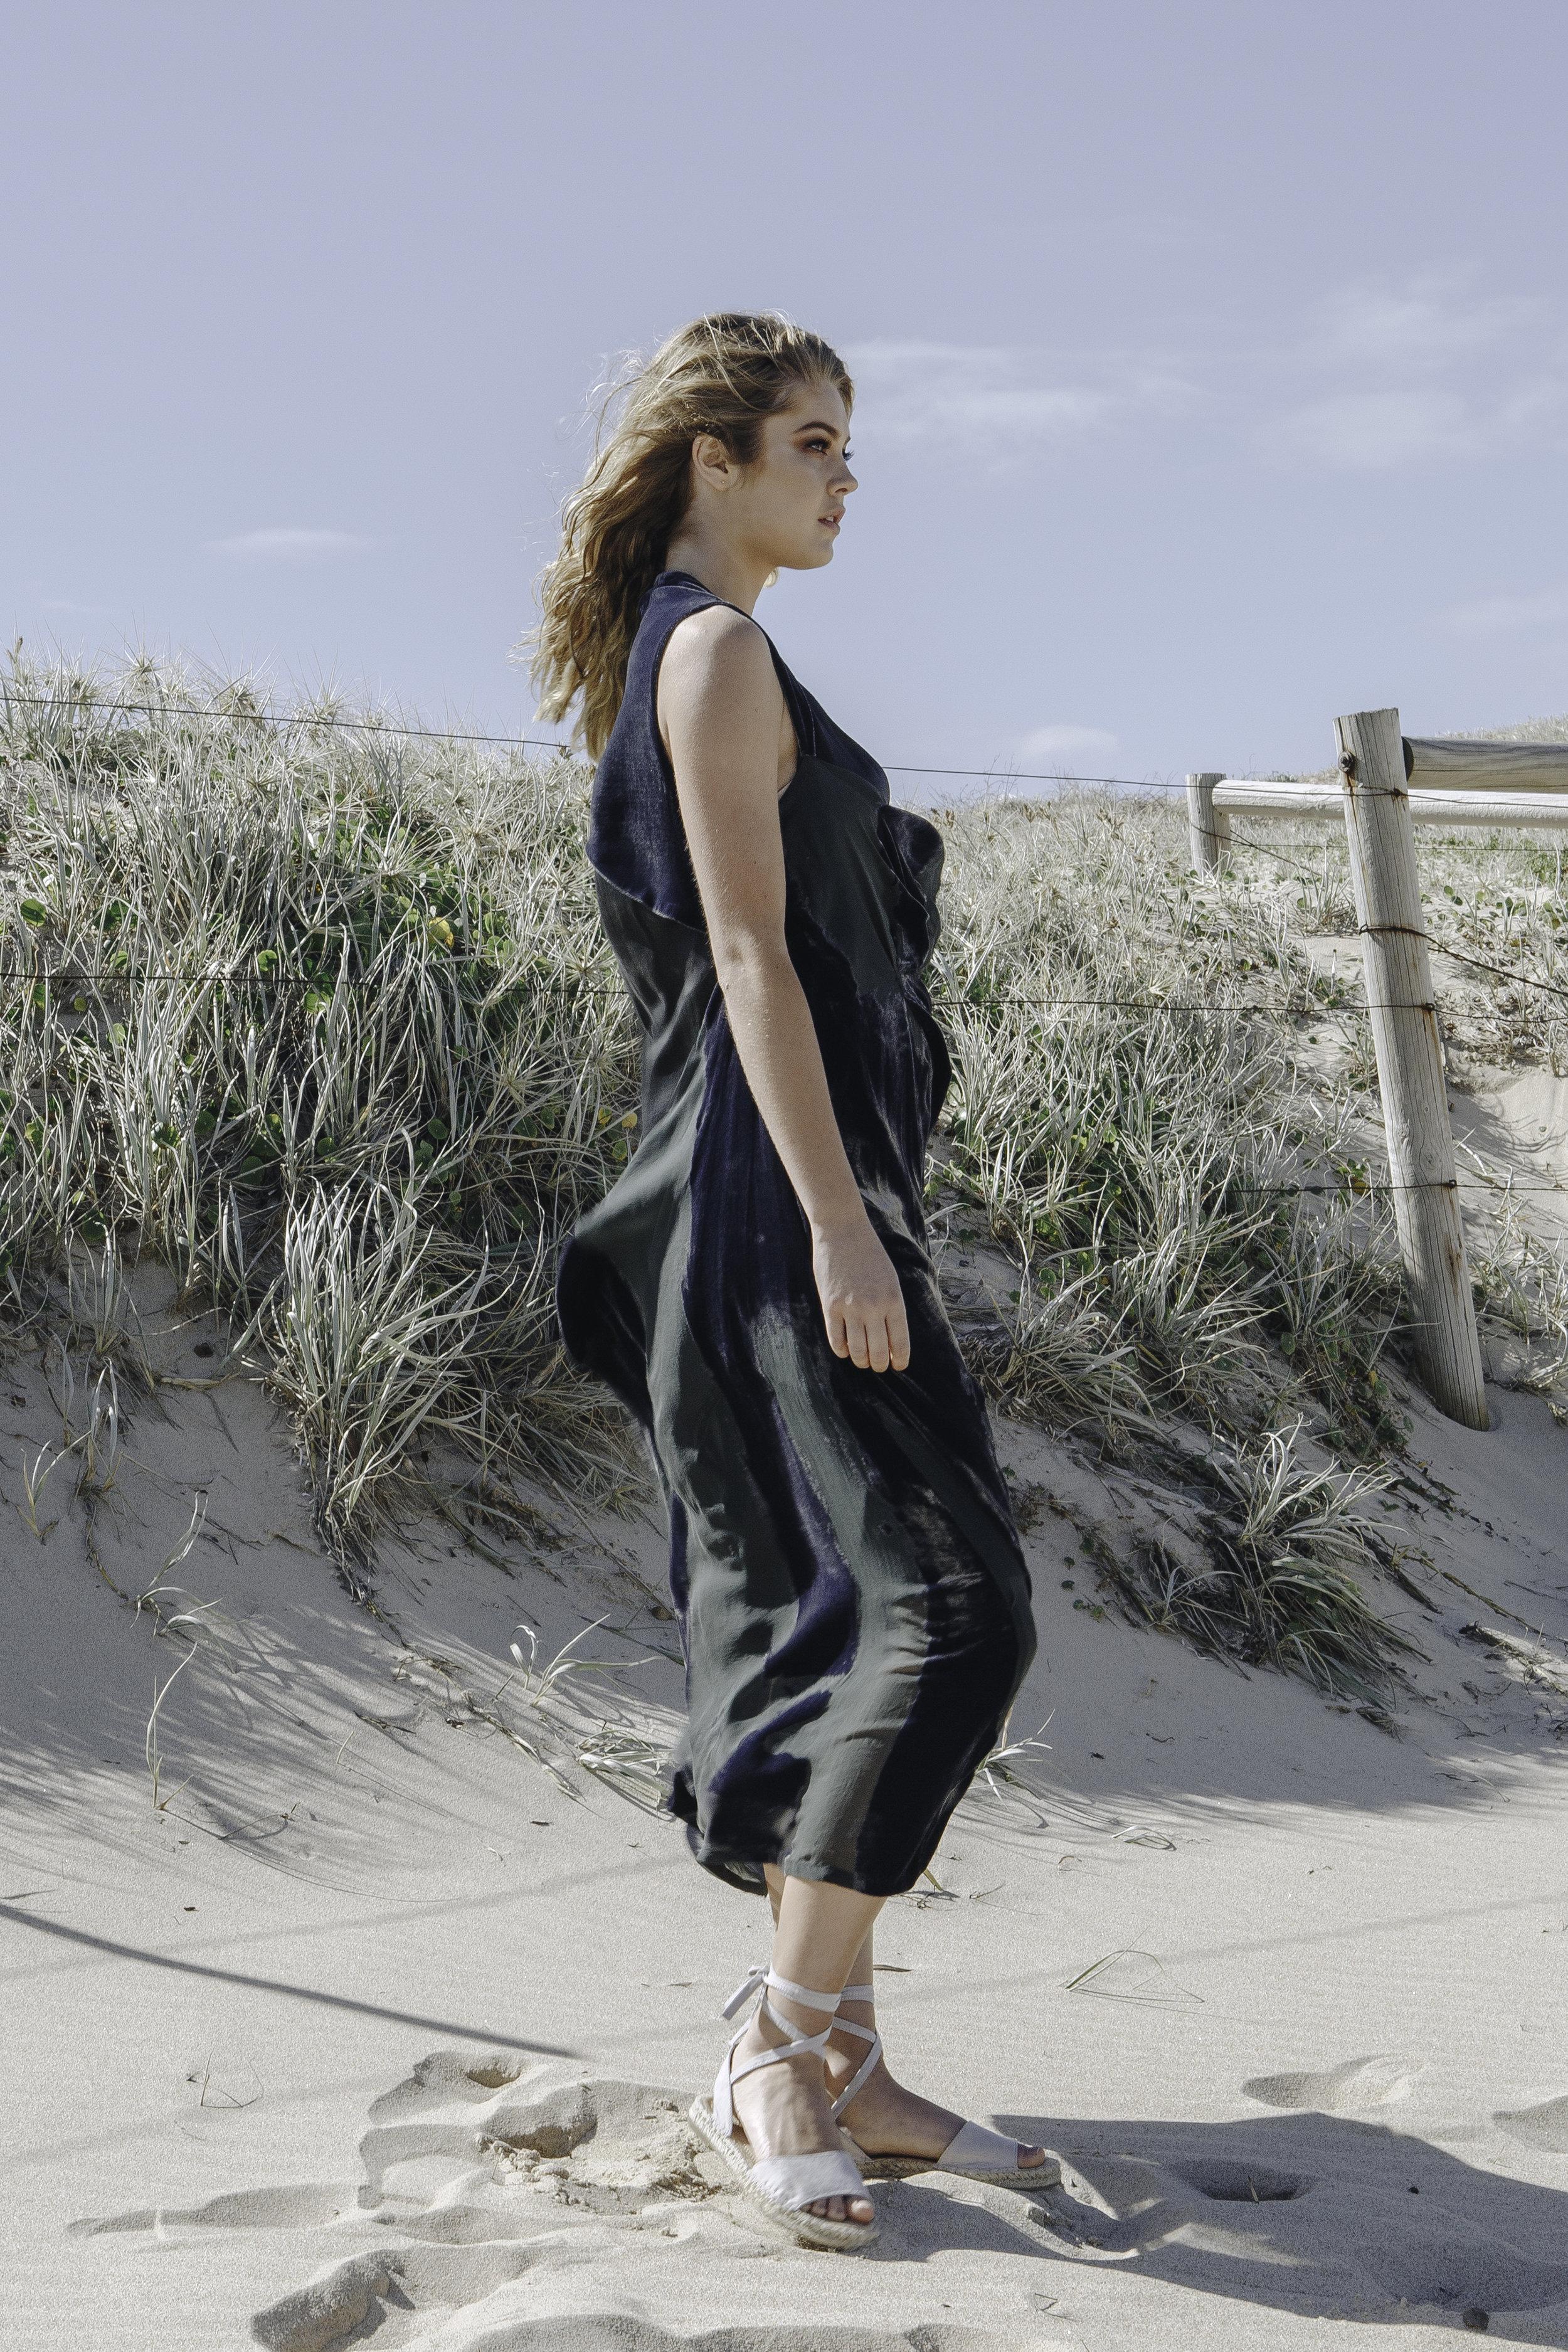 COLLAPSE VELVET DRESS  SILK SATIN SLIP  IN SEA MOSS GREEN